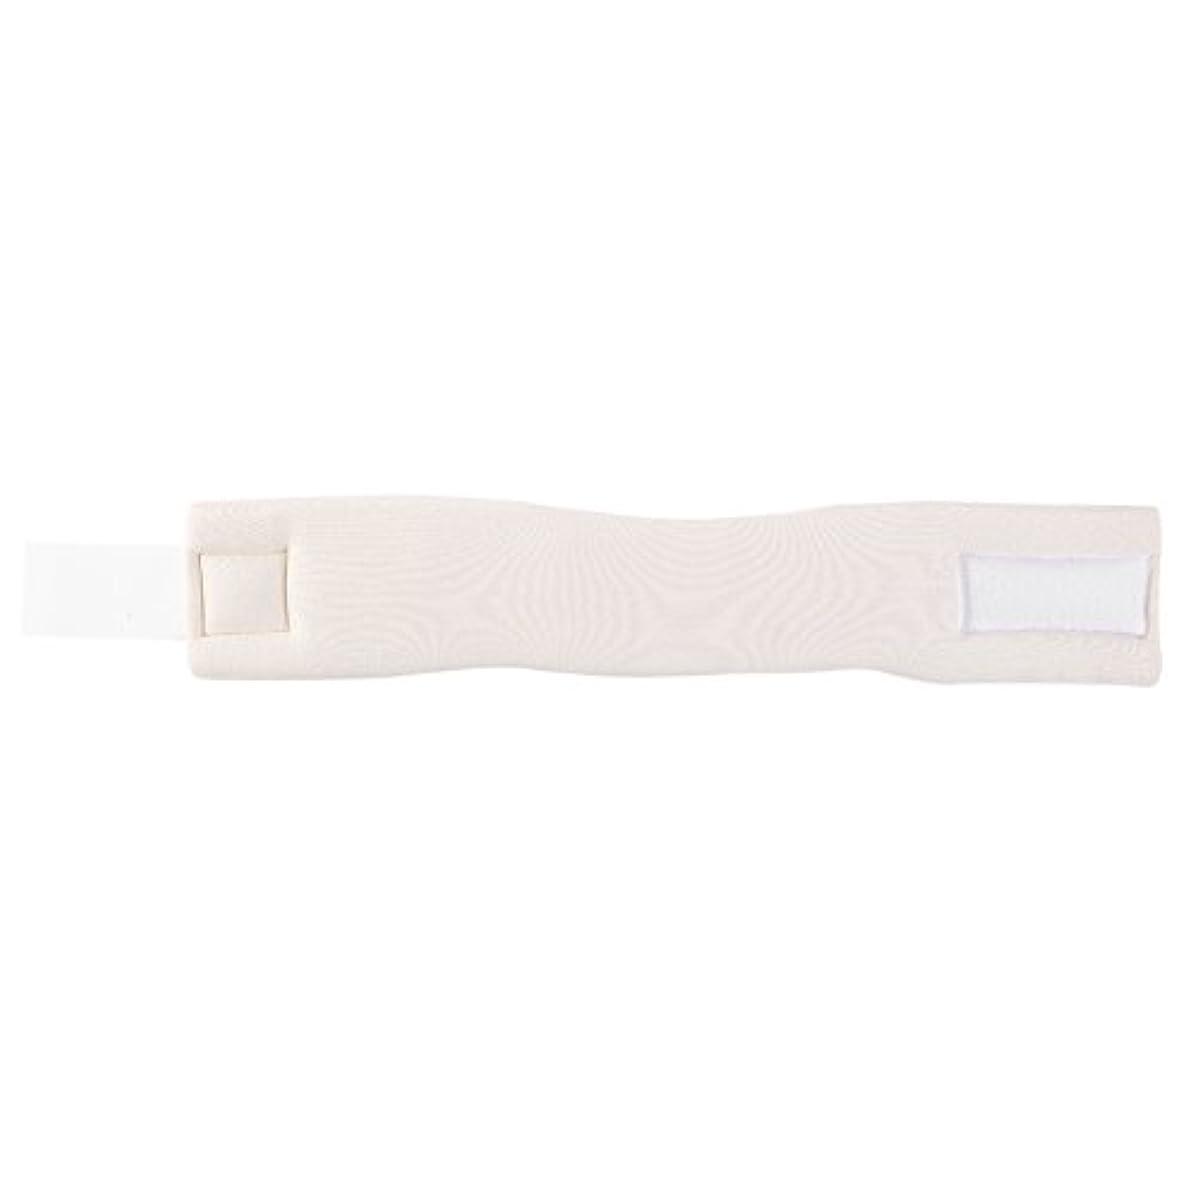 乳白不快な慣らす調整可能なソフトフォームネックブレースサポート転位固定痛み軽減頸部カラー(M)